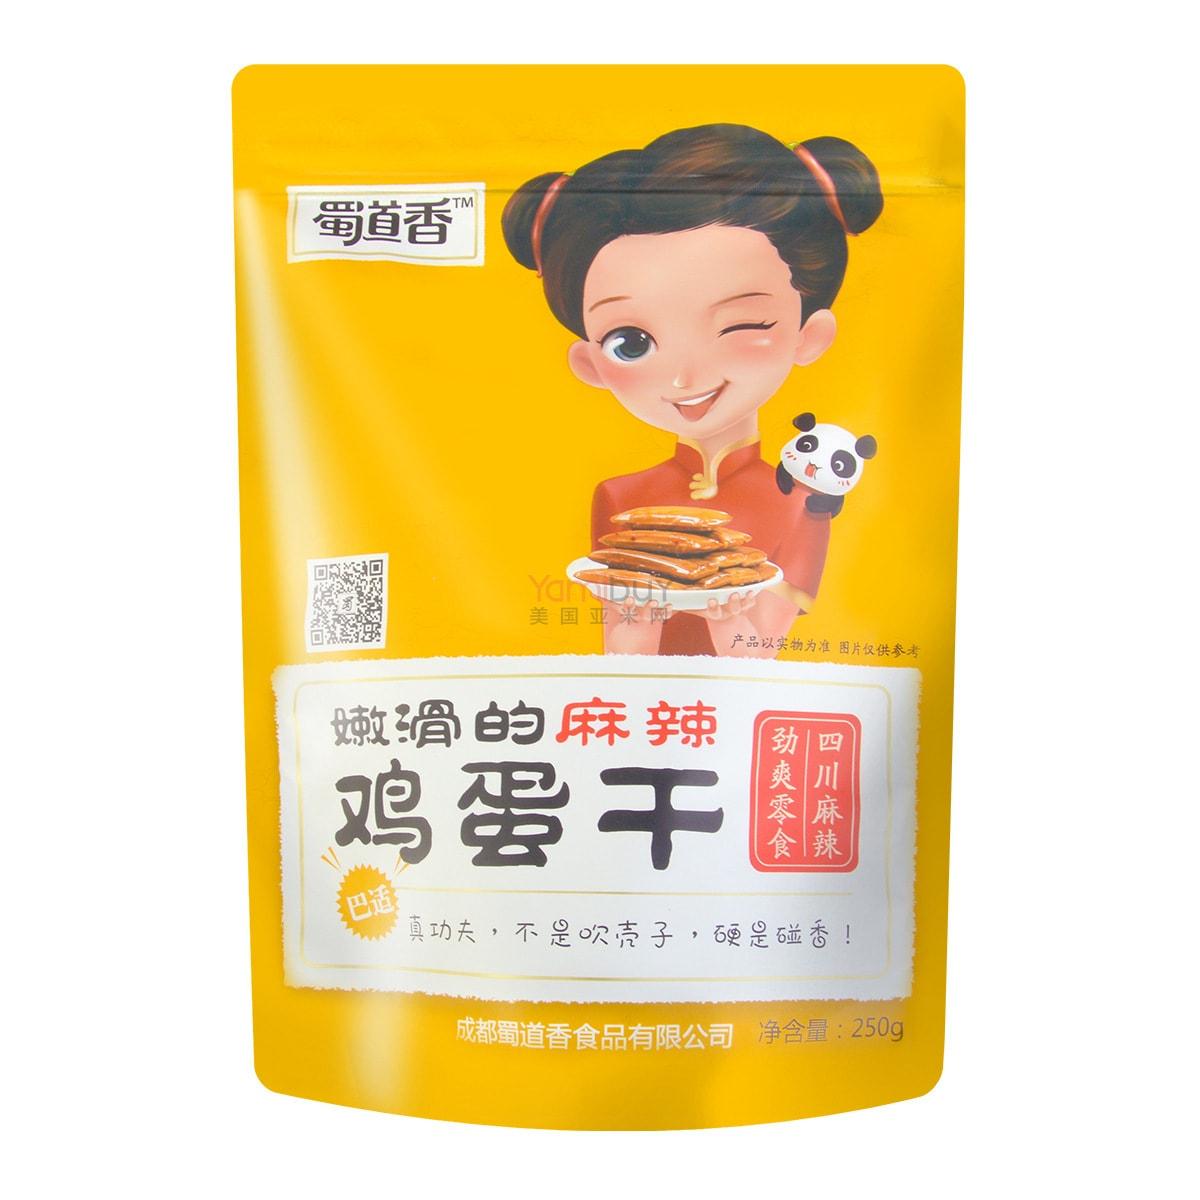 蜀道香 麻辣鸡蛋干 四川麻辣 劲爽零食 250g